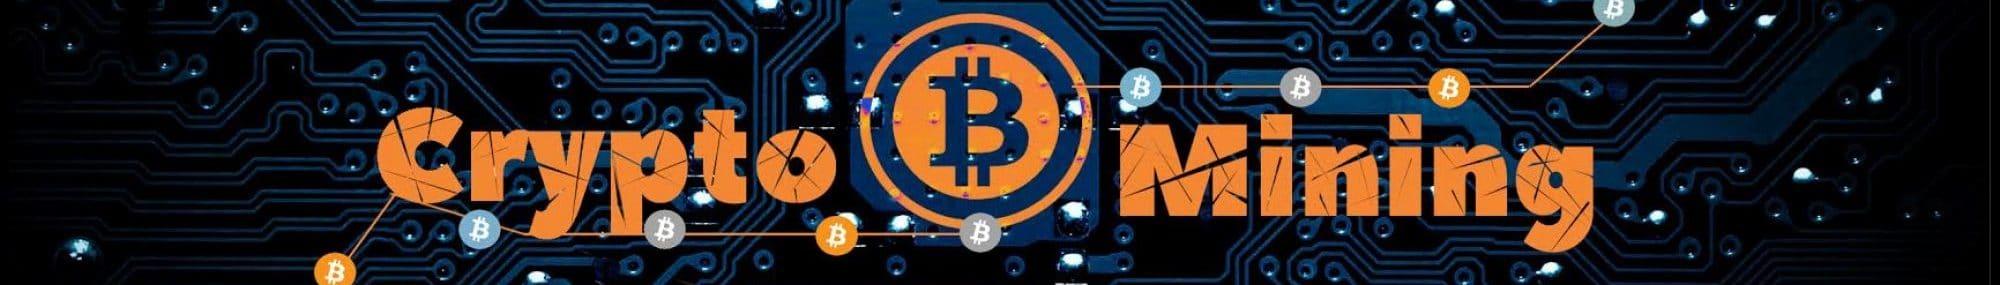 Mining crypto